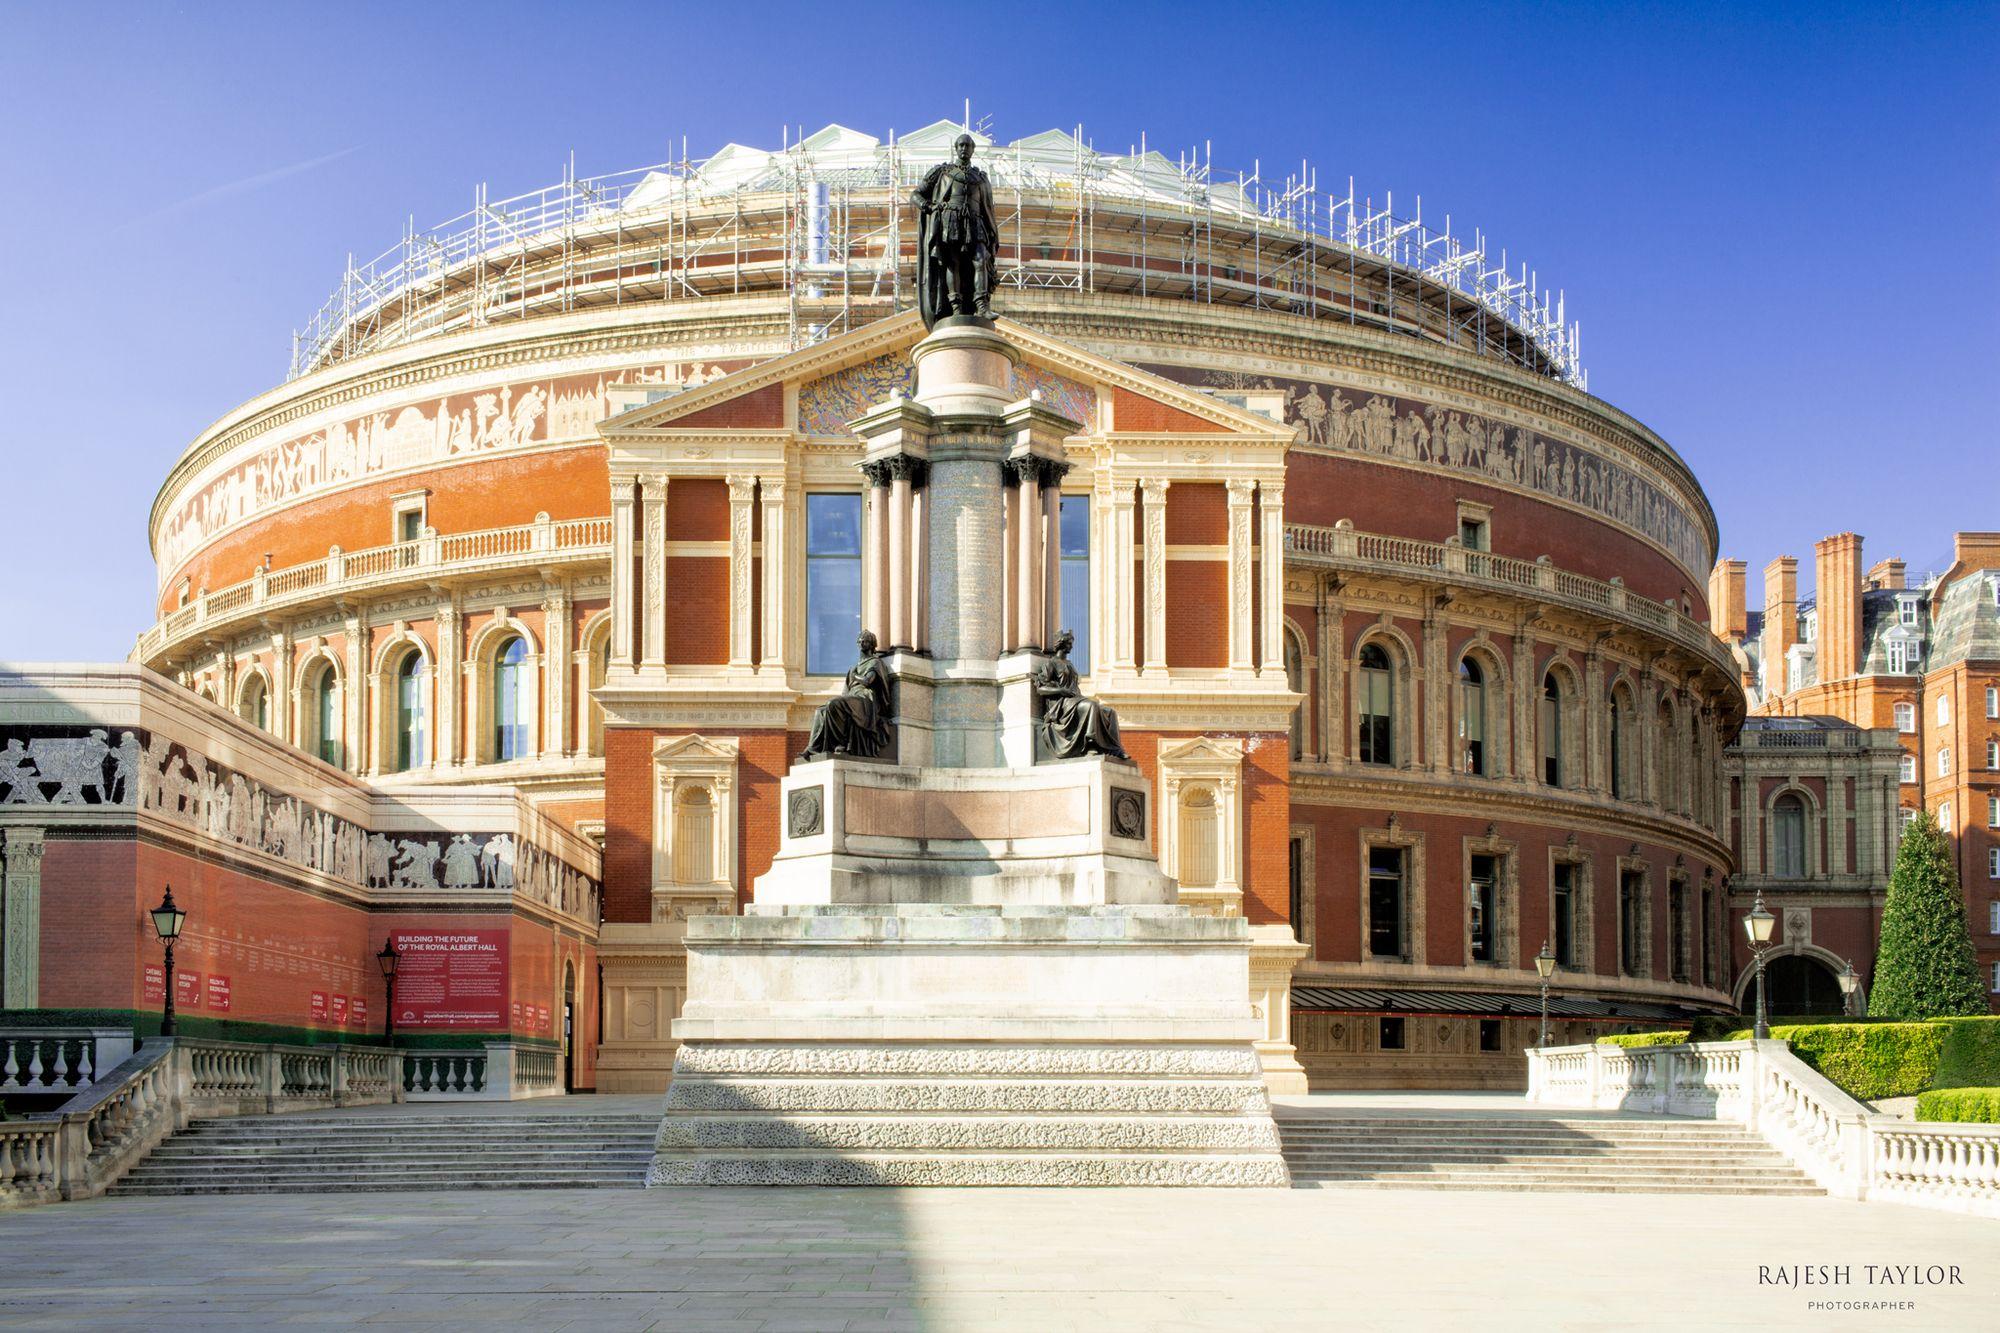 Royal Albert Hall © Rajesh Taylor